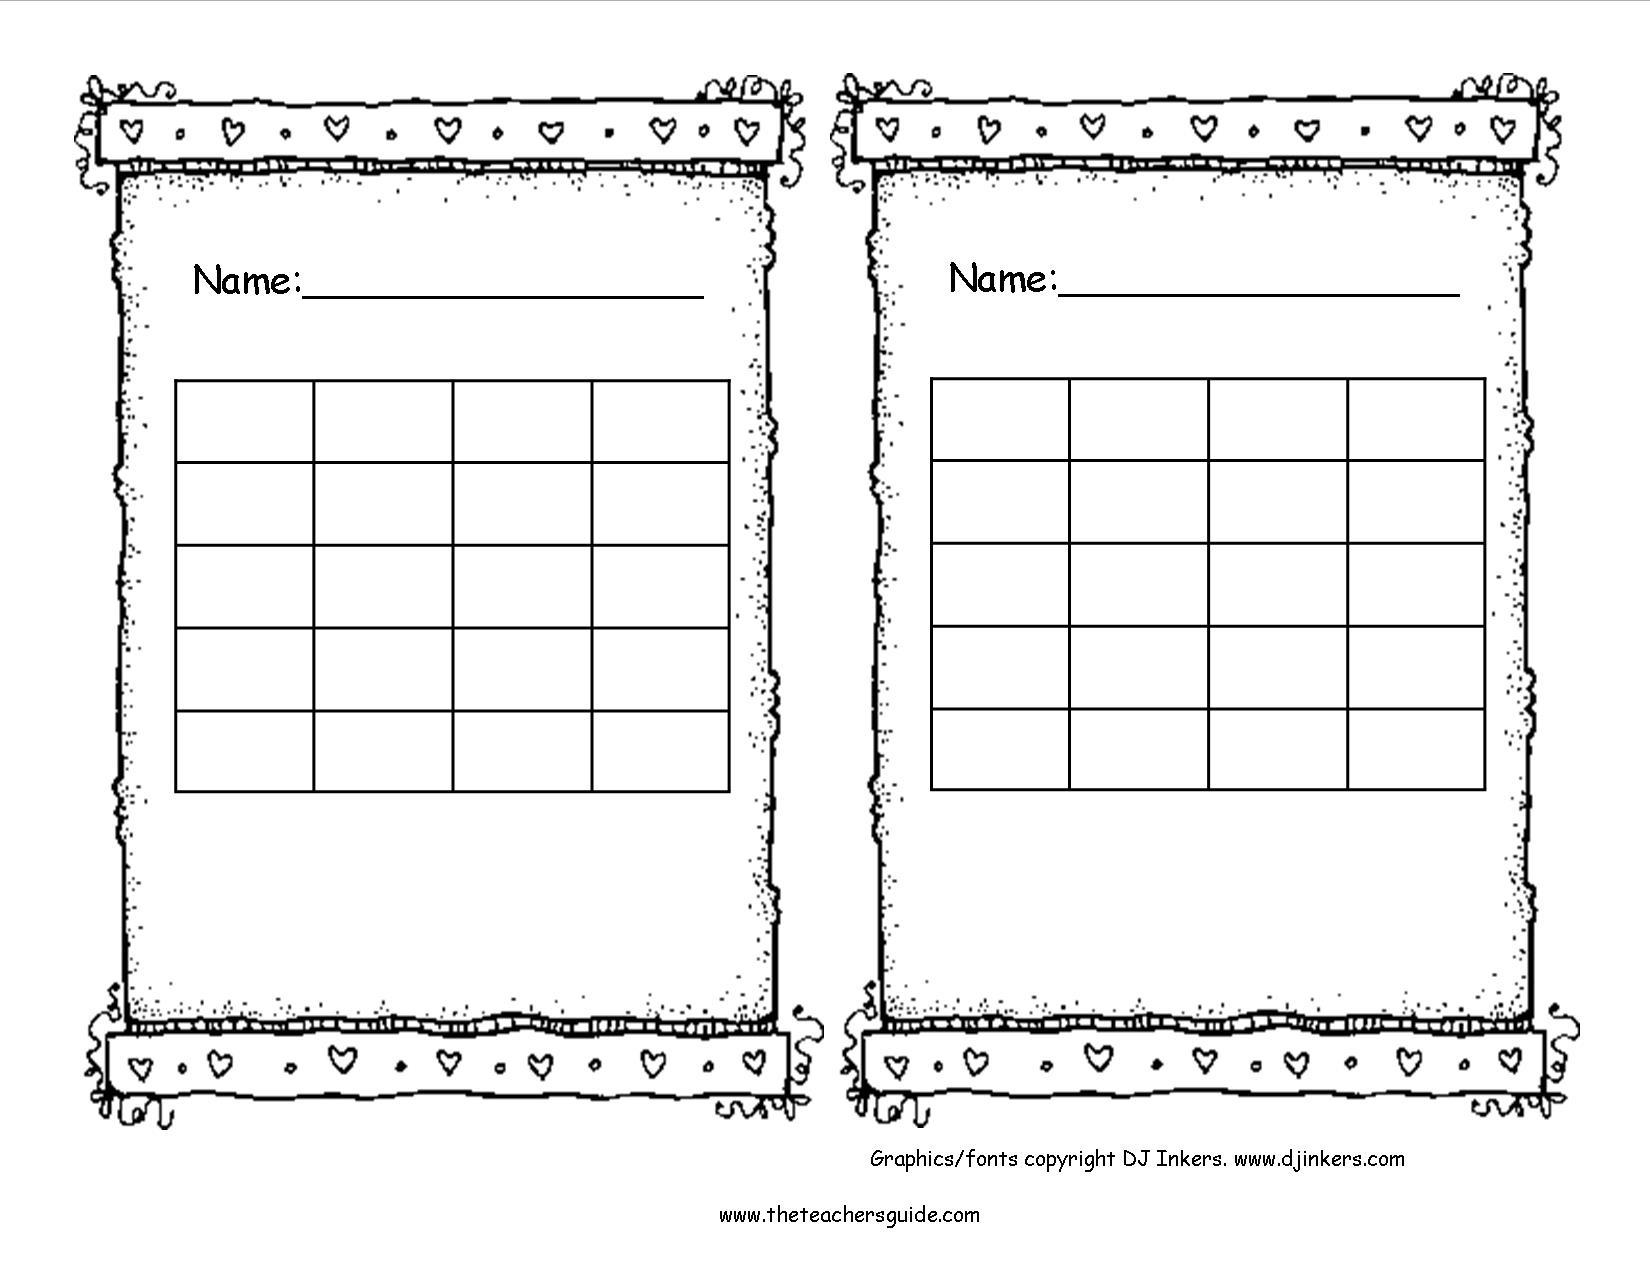 Free Printable Reward And Incentive Charts - Free Printable Incentive Charts For School